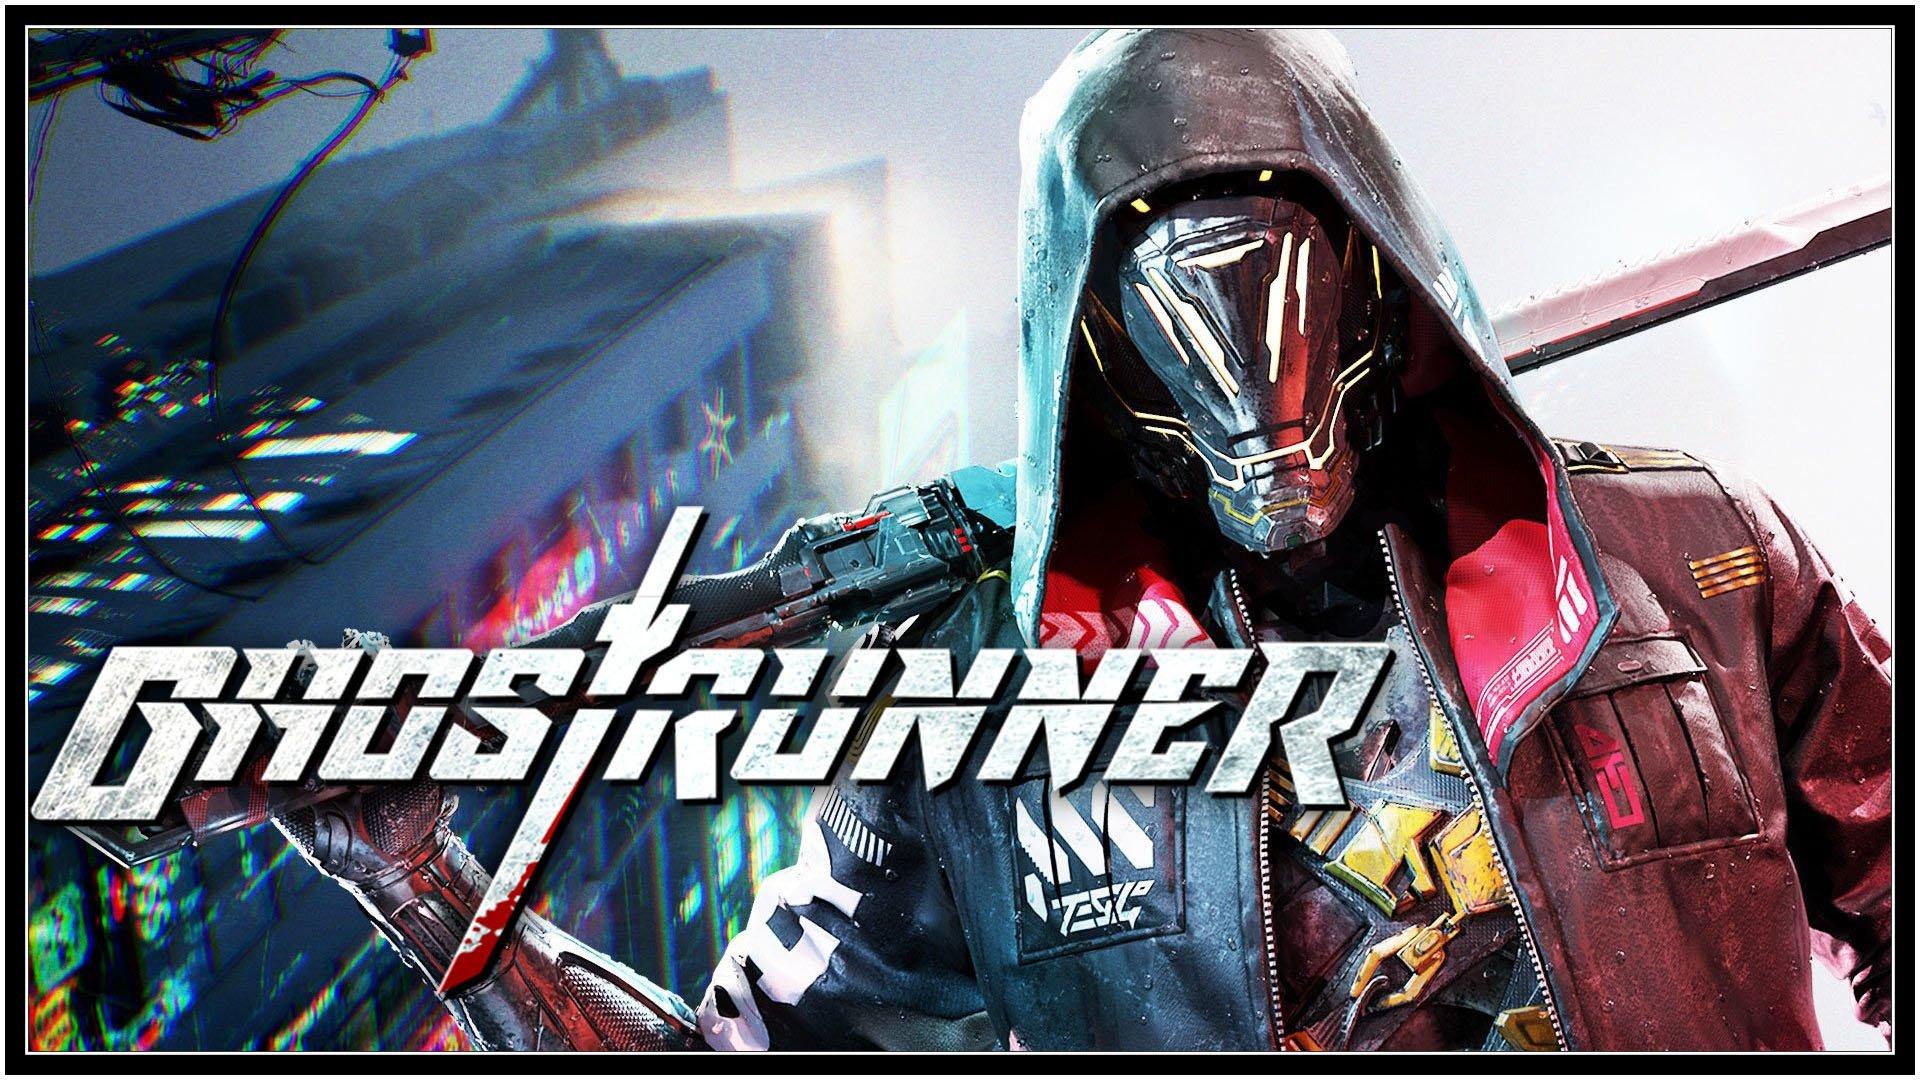 Ghostrunner Fi3